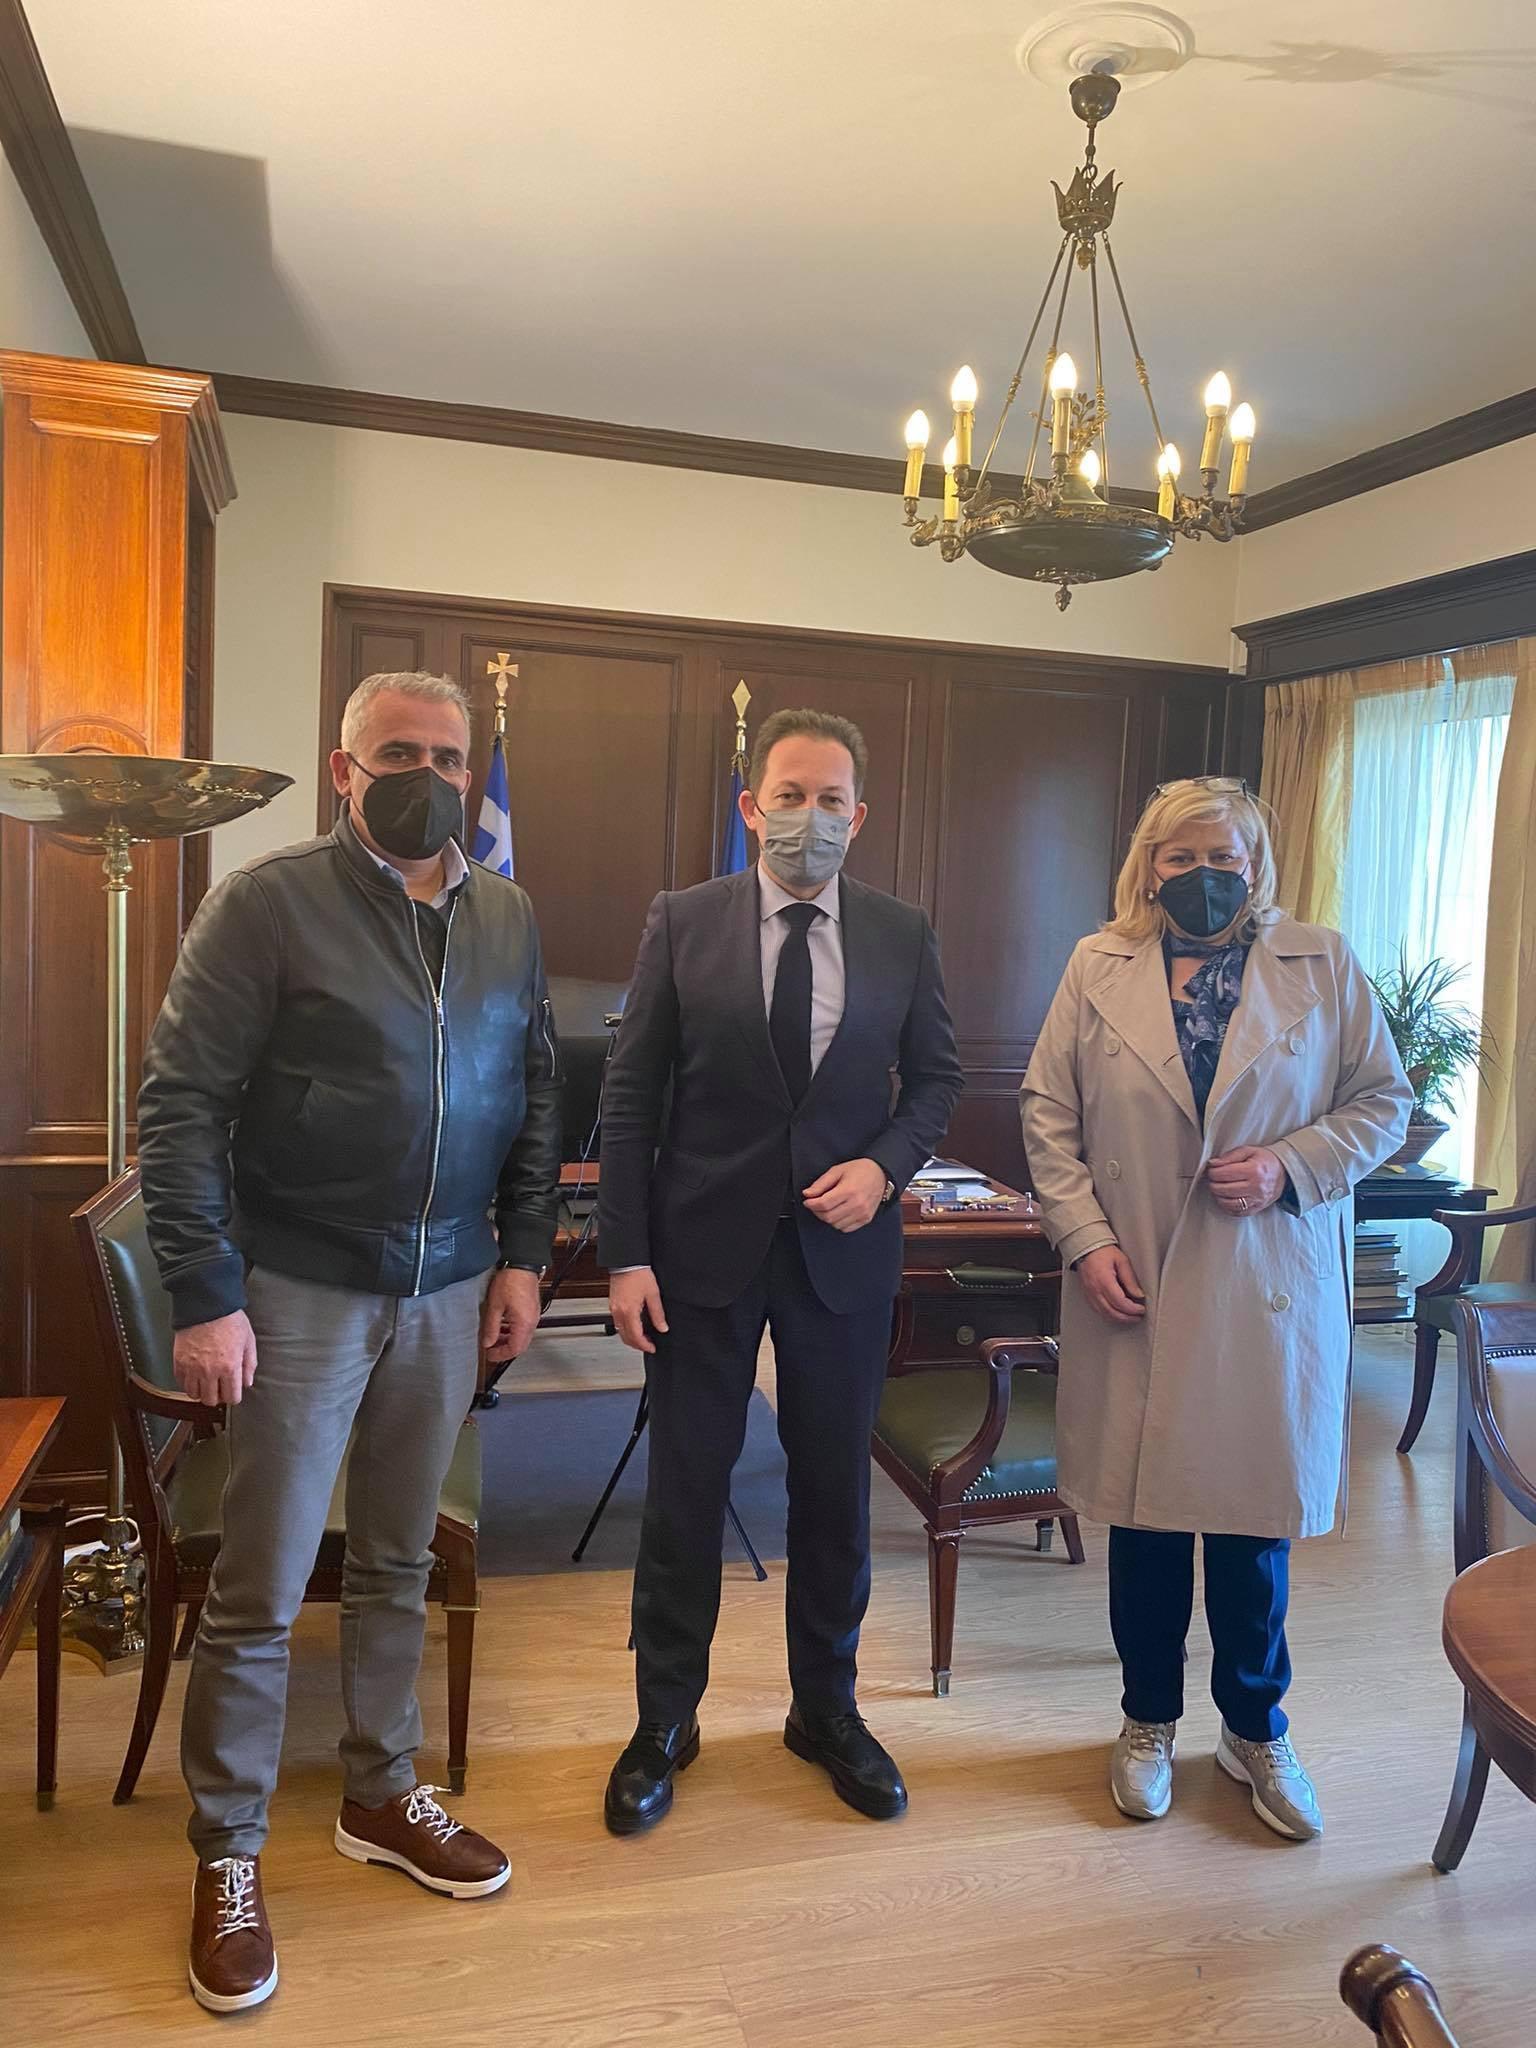 Επίσκεψη της Δημάρχου Κασσάνδρας Αναστασίας Χαλκιά και του Αντιδημάρχου Τεχνικών Έργων Βασίλη Στακινού στην Αθήνα